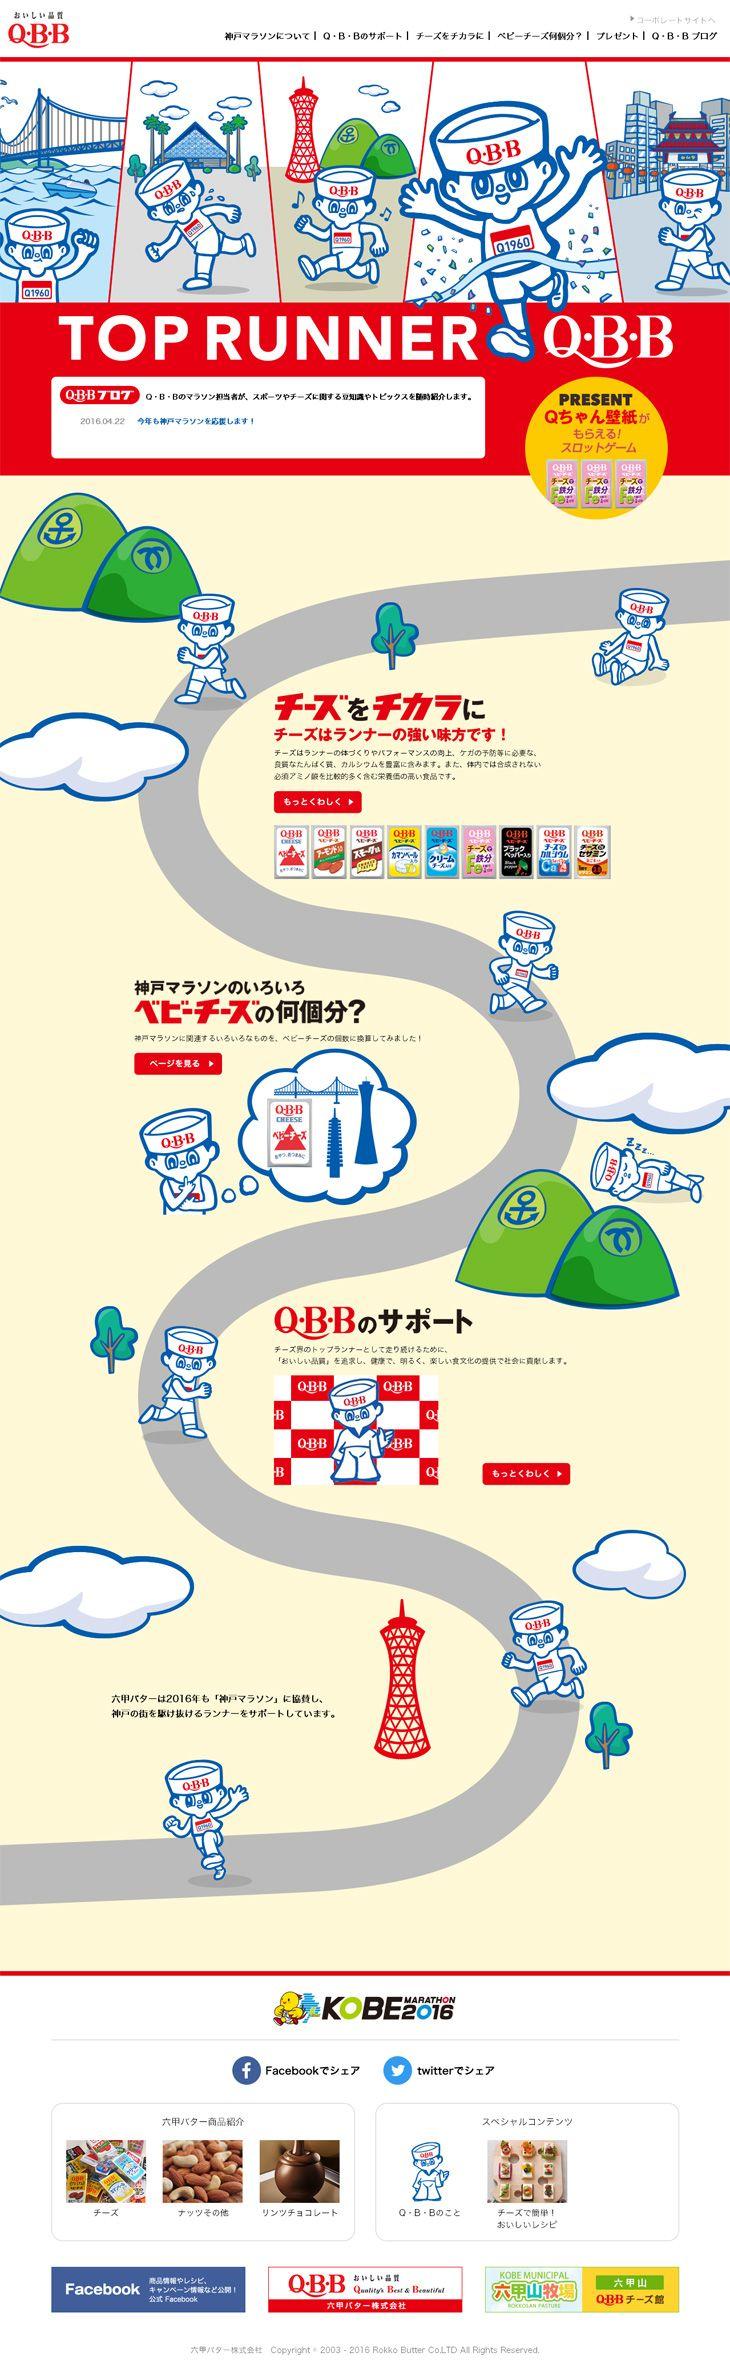 第6回神戸マラソン